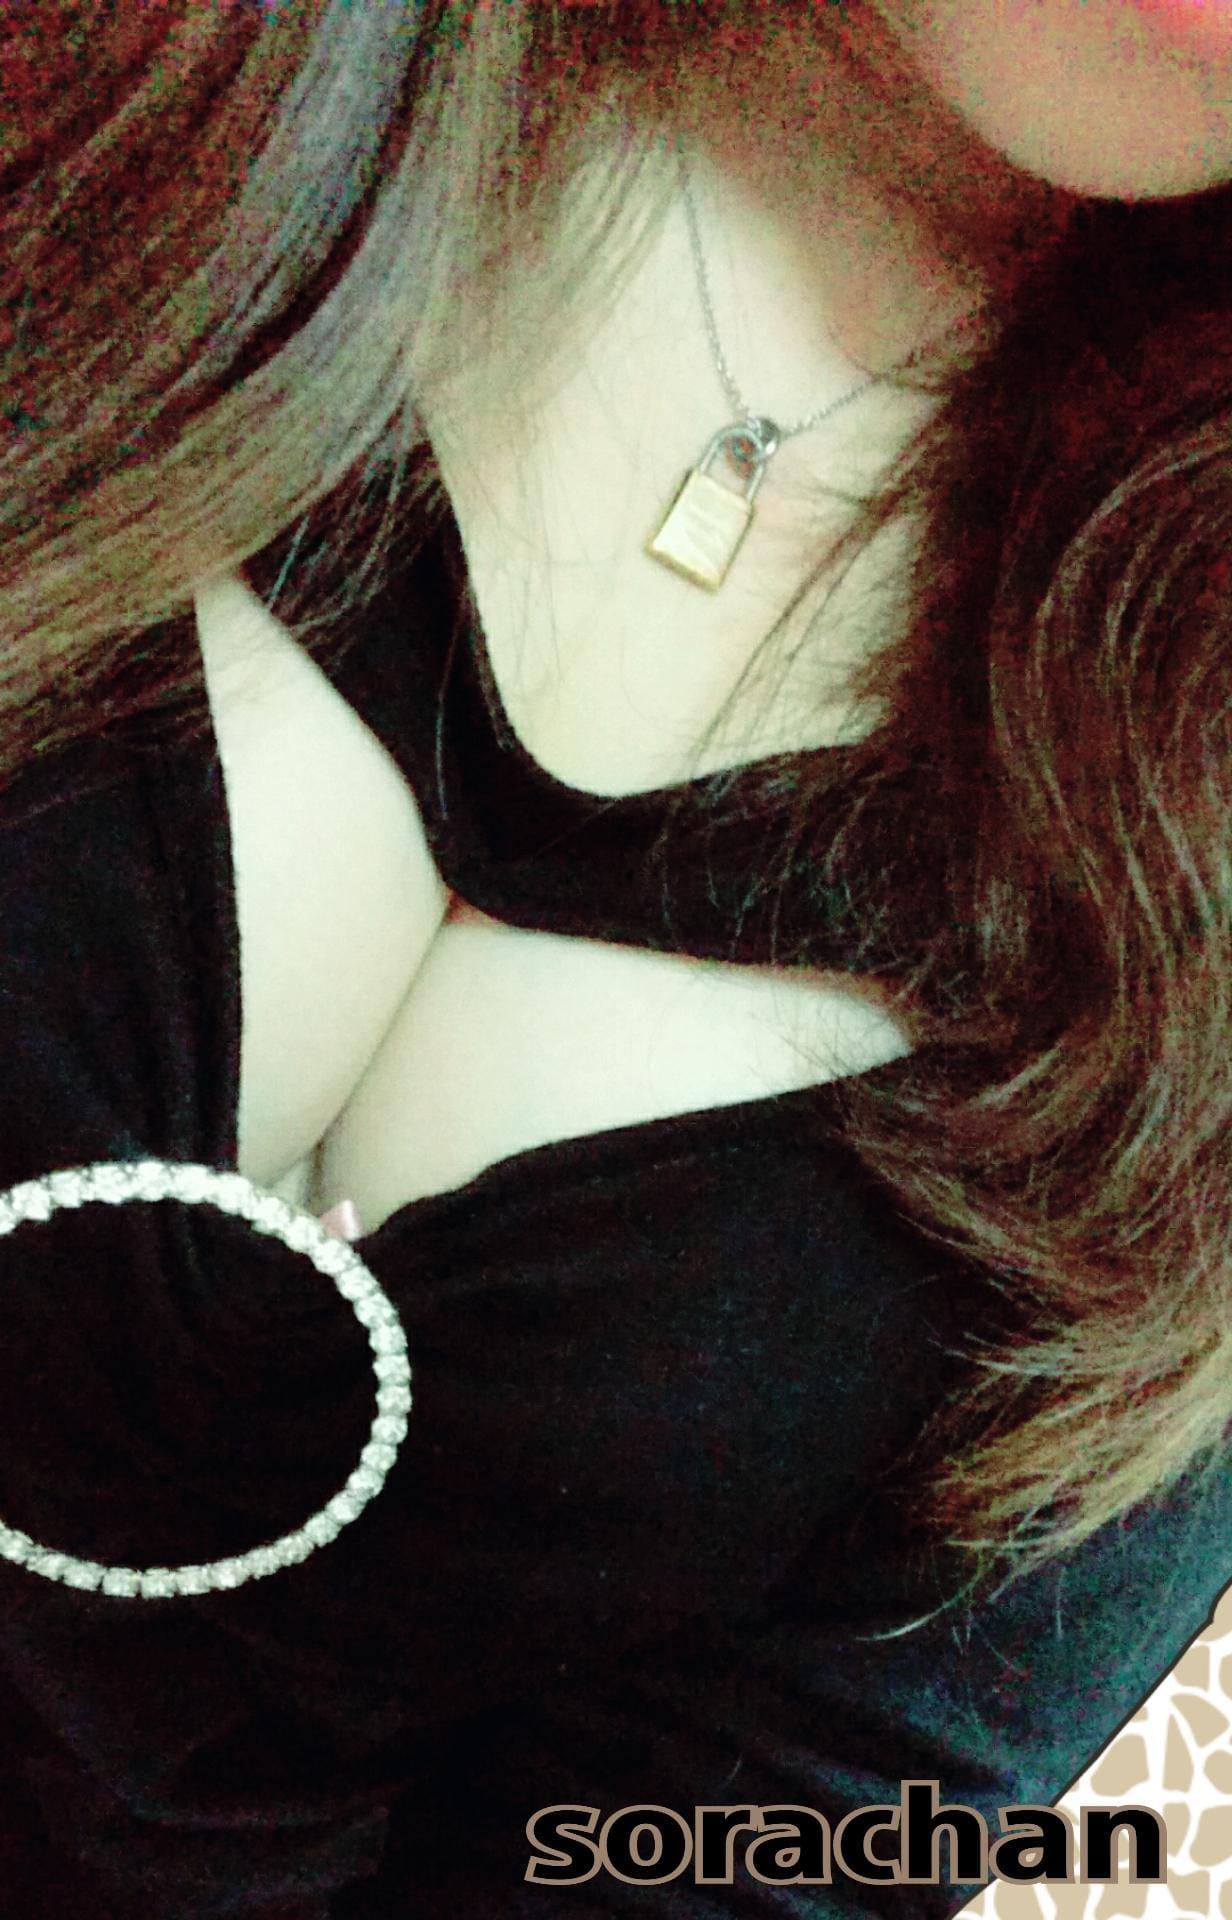 「一緒に気持ちよくなりませんか♡」09/22(土) 20:21   そらの写メ・風俗動画